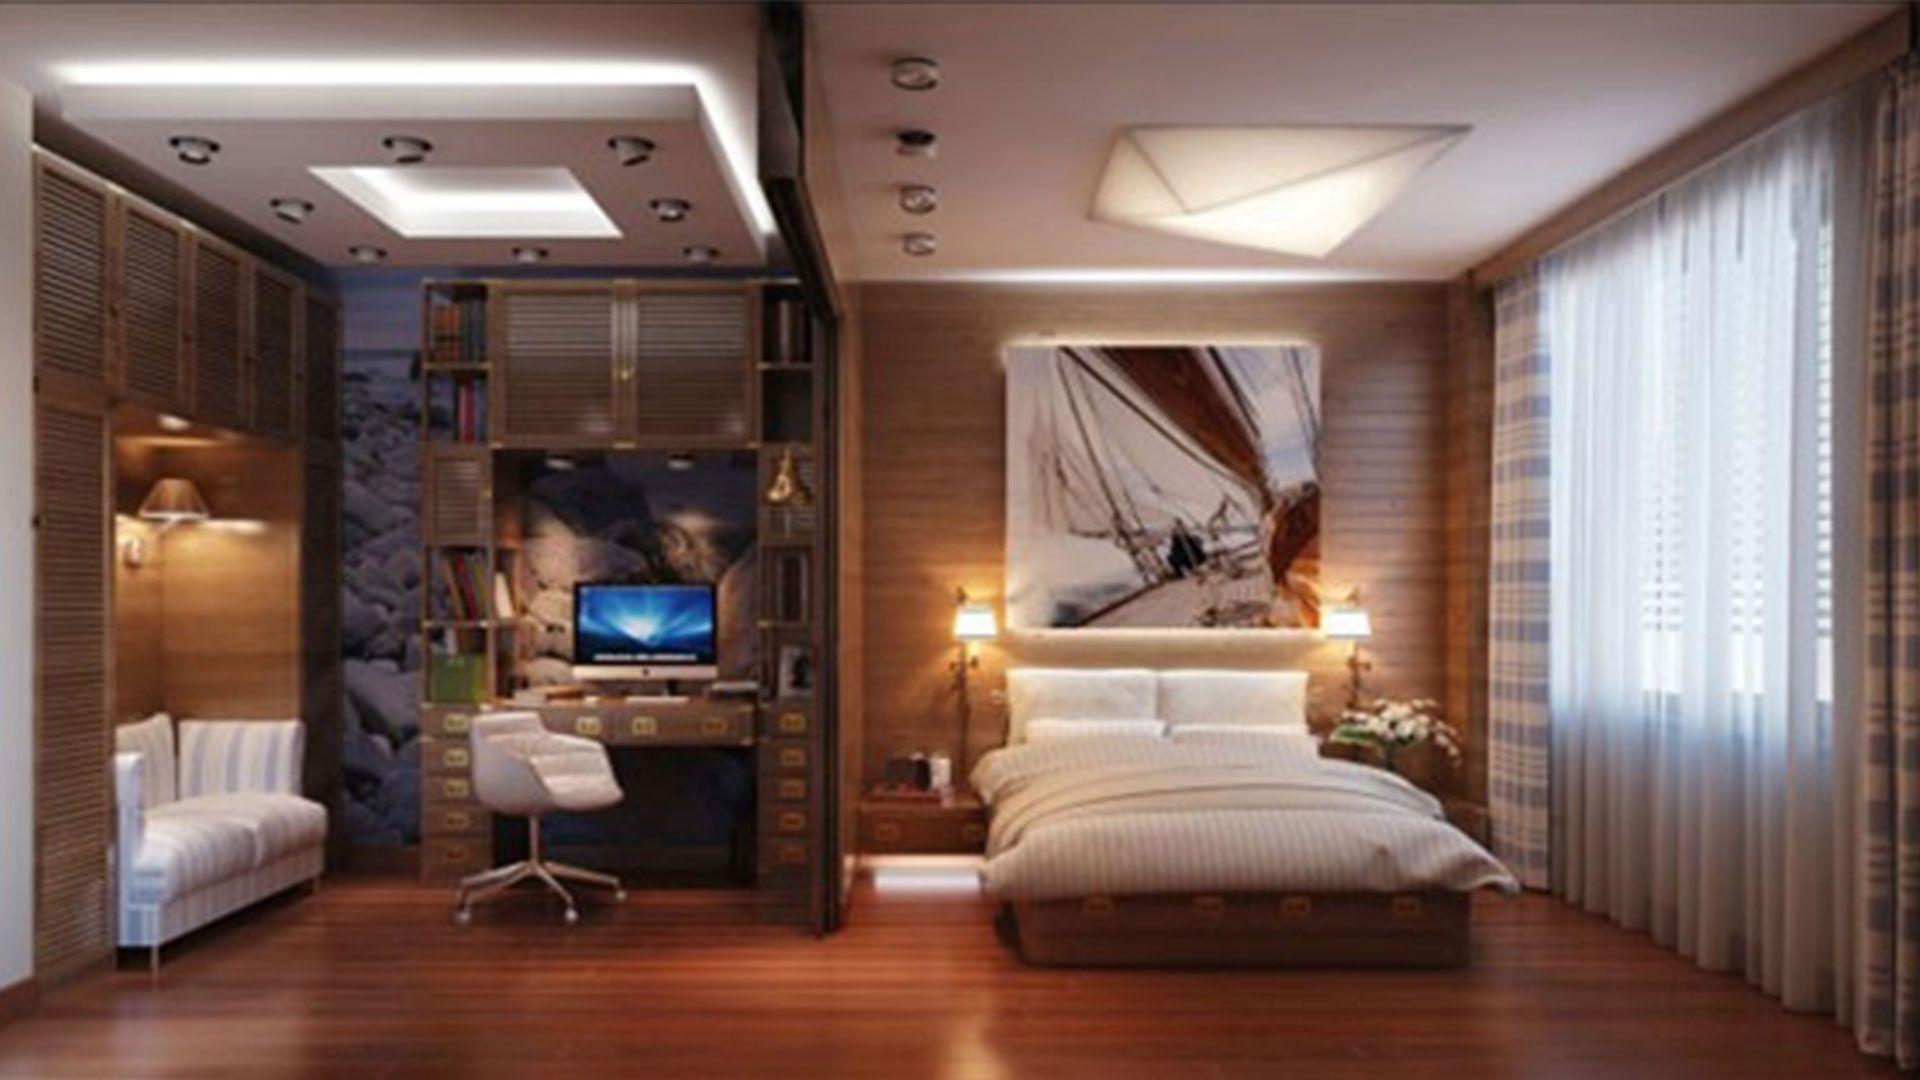 modern master bedroom designs. Image Associée Modern Master Bedroom Designs D